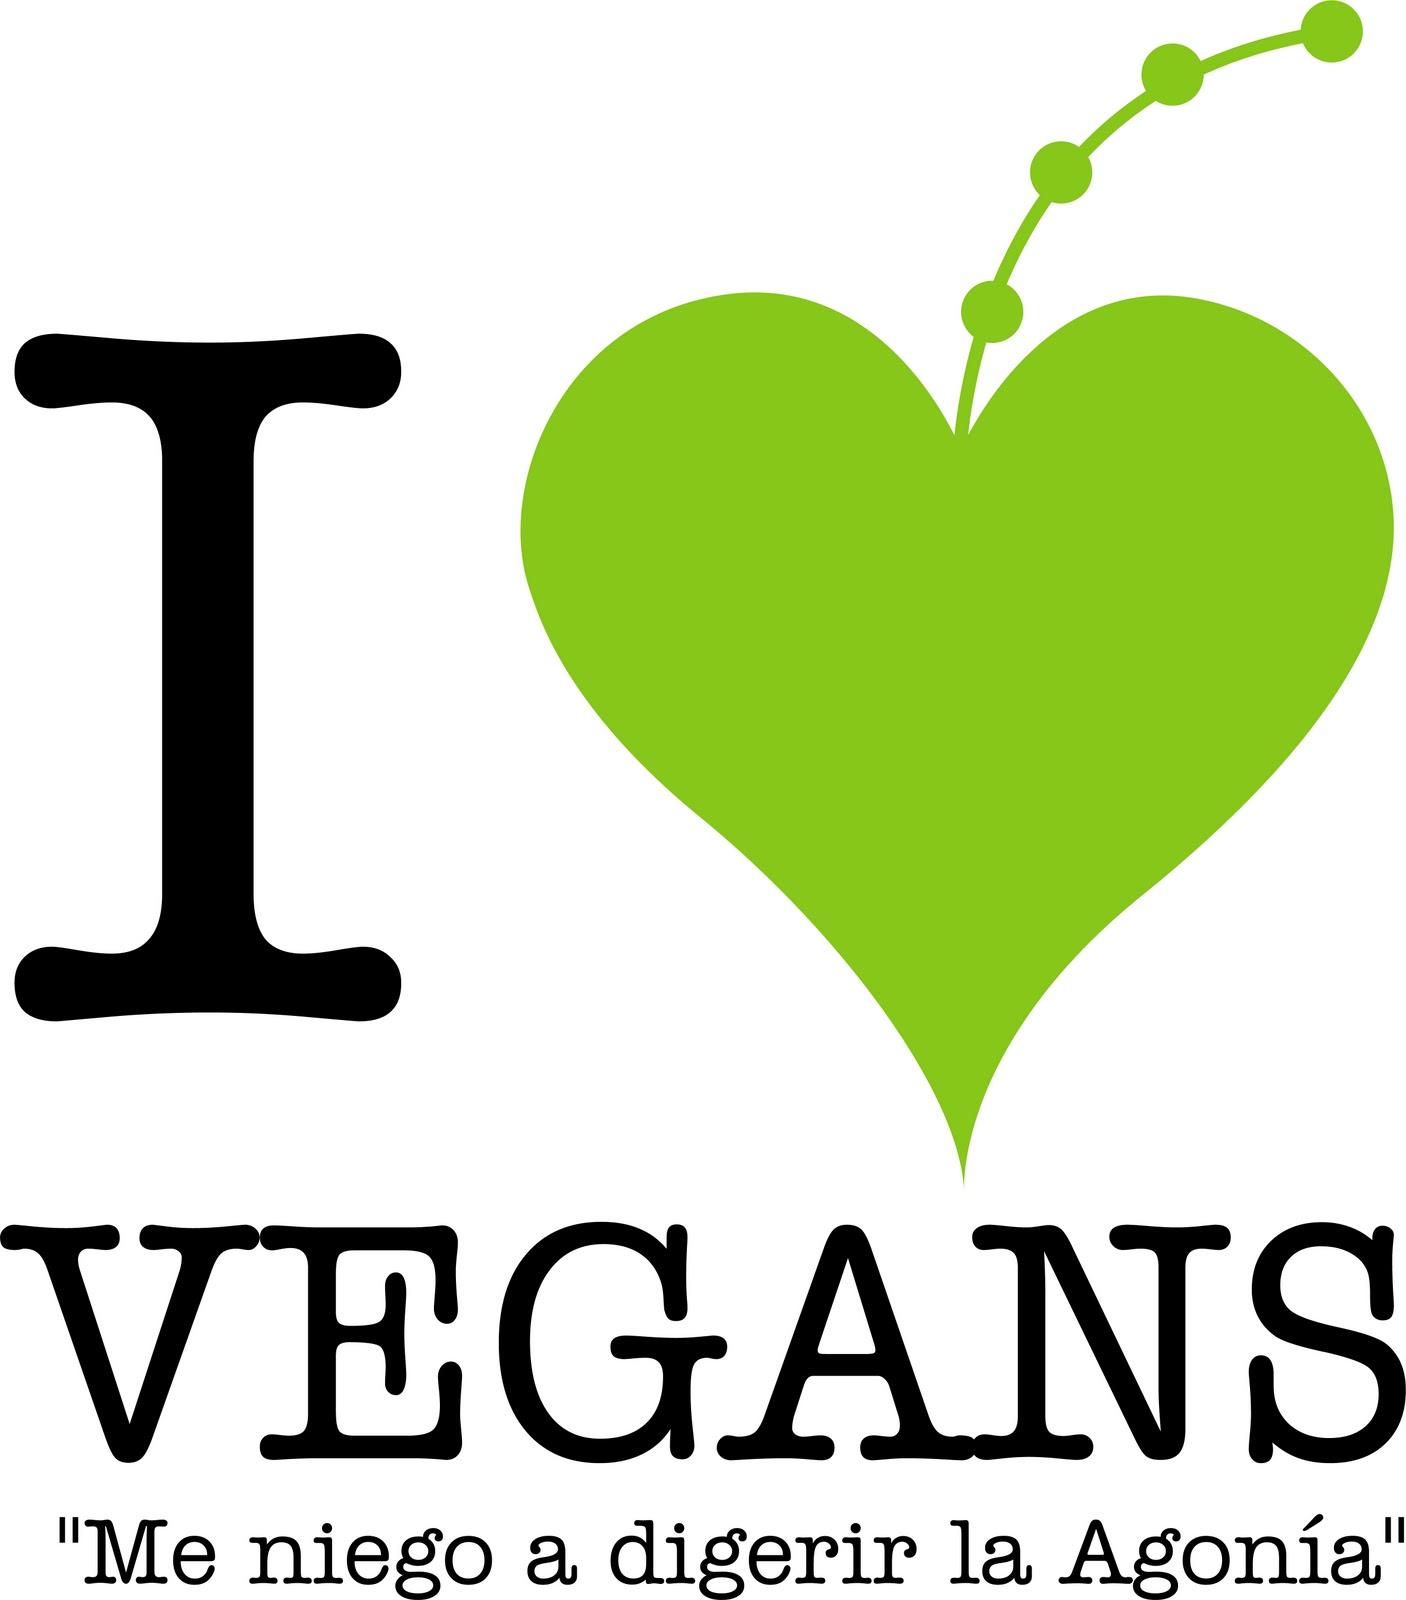 Por qué y cómo ser vegano